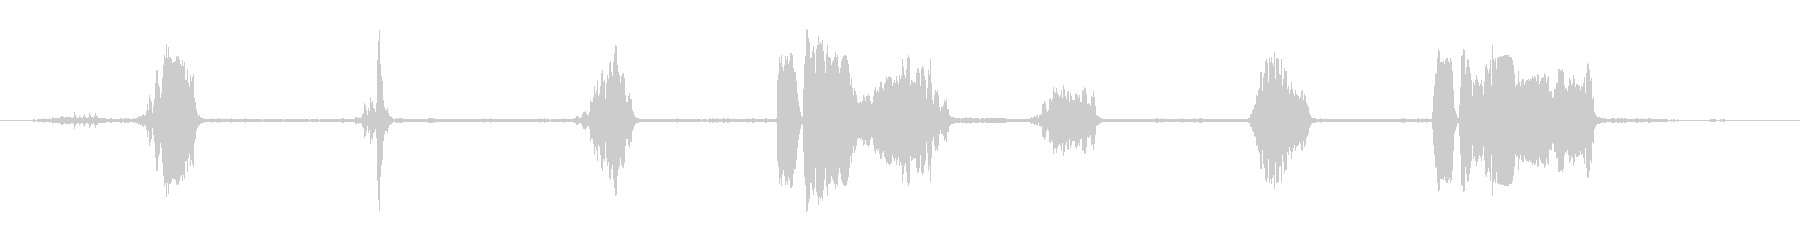 コラール0-20の雄鶏と羊の未再生の波形